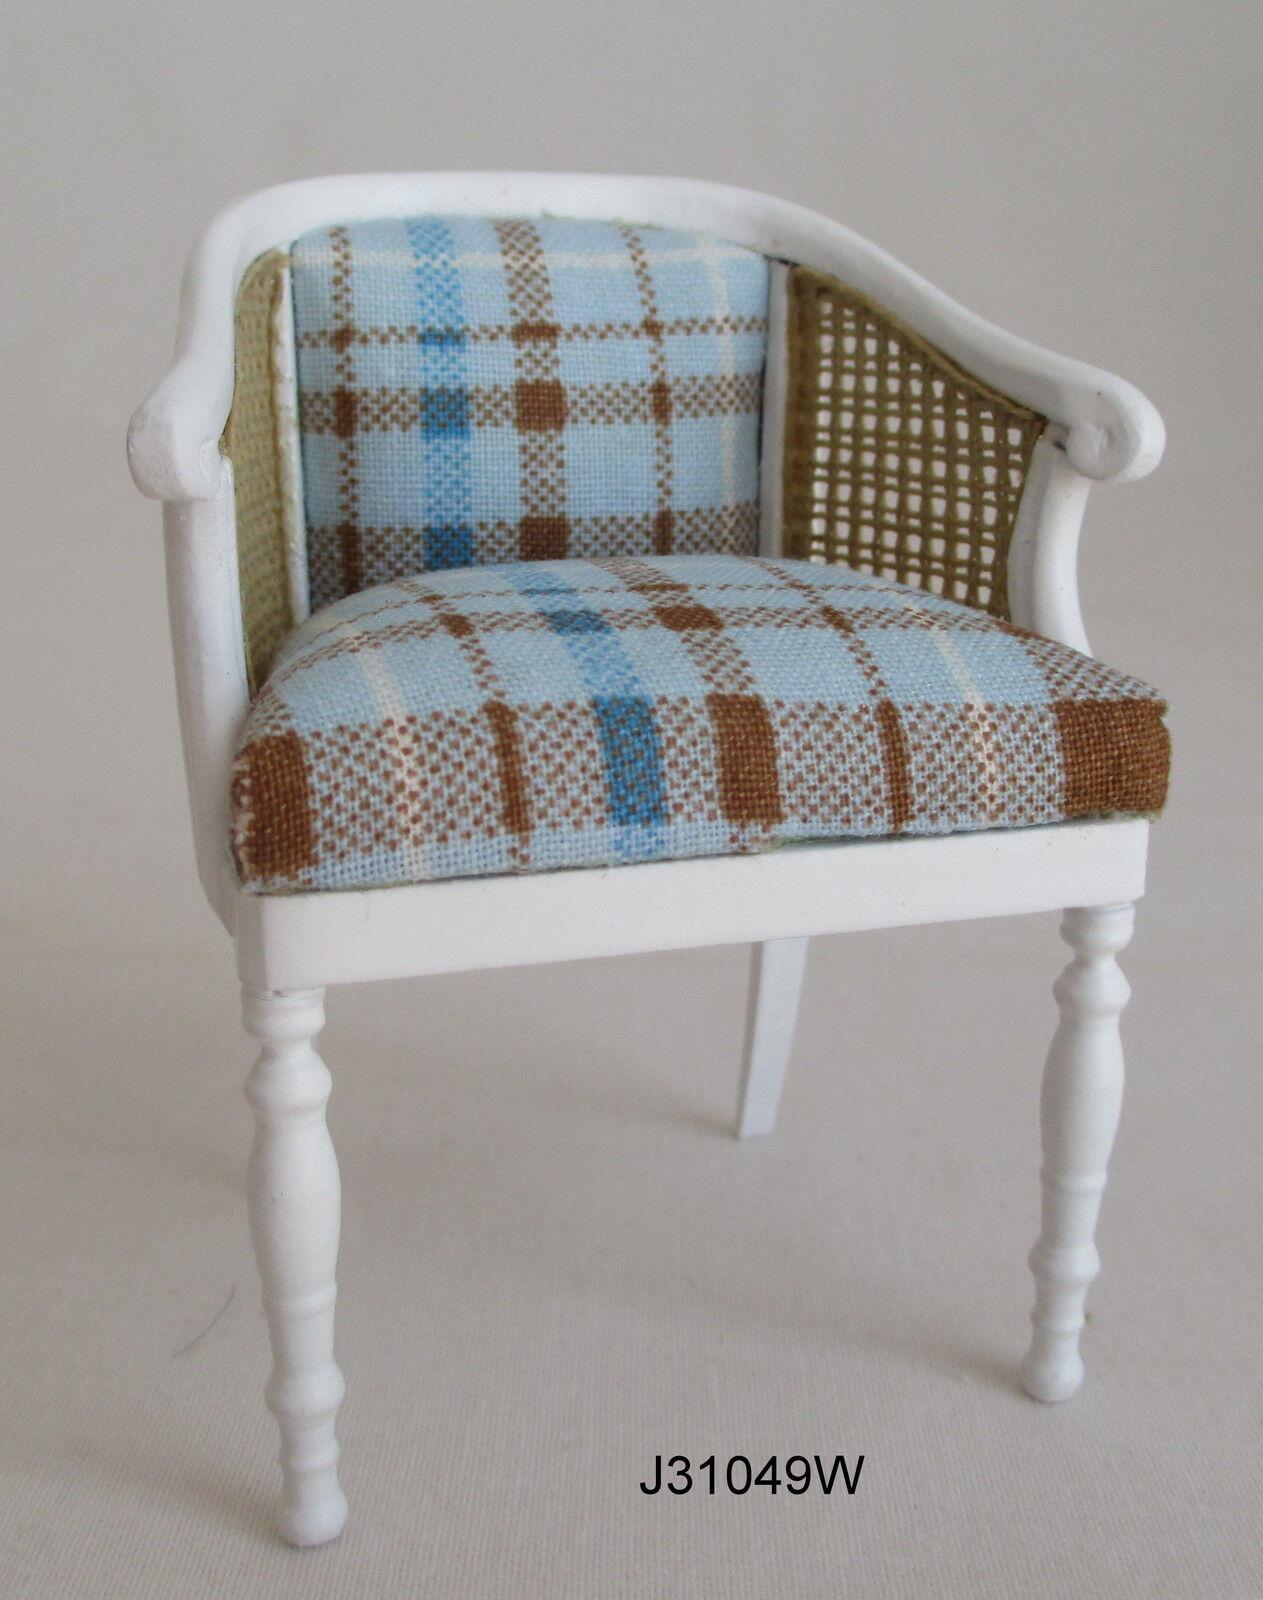 JBM Miniatures J31049W J31049W J31049W Tub Chair with Cane Side Panels - 1:12 Scale 0f2c36